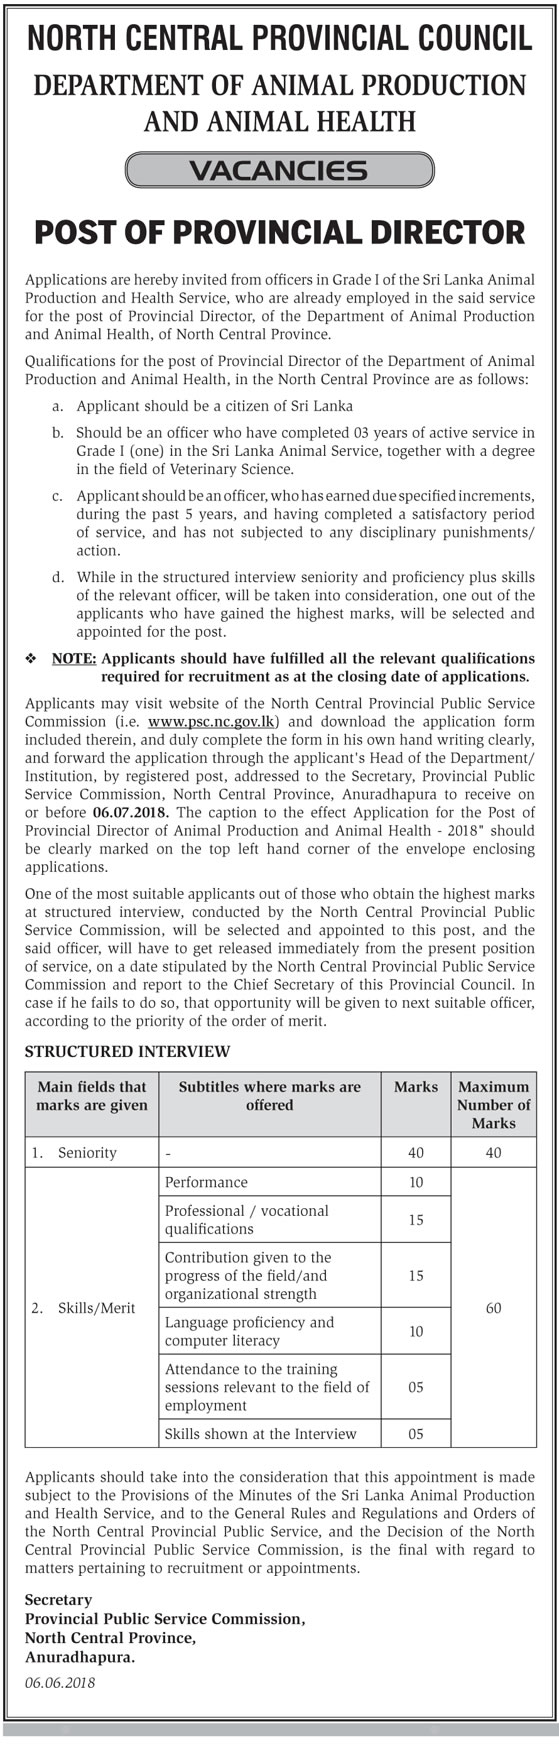 Provincial Director Vacancy - North Central Provincial Council